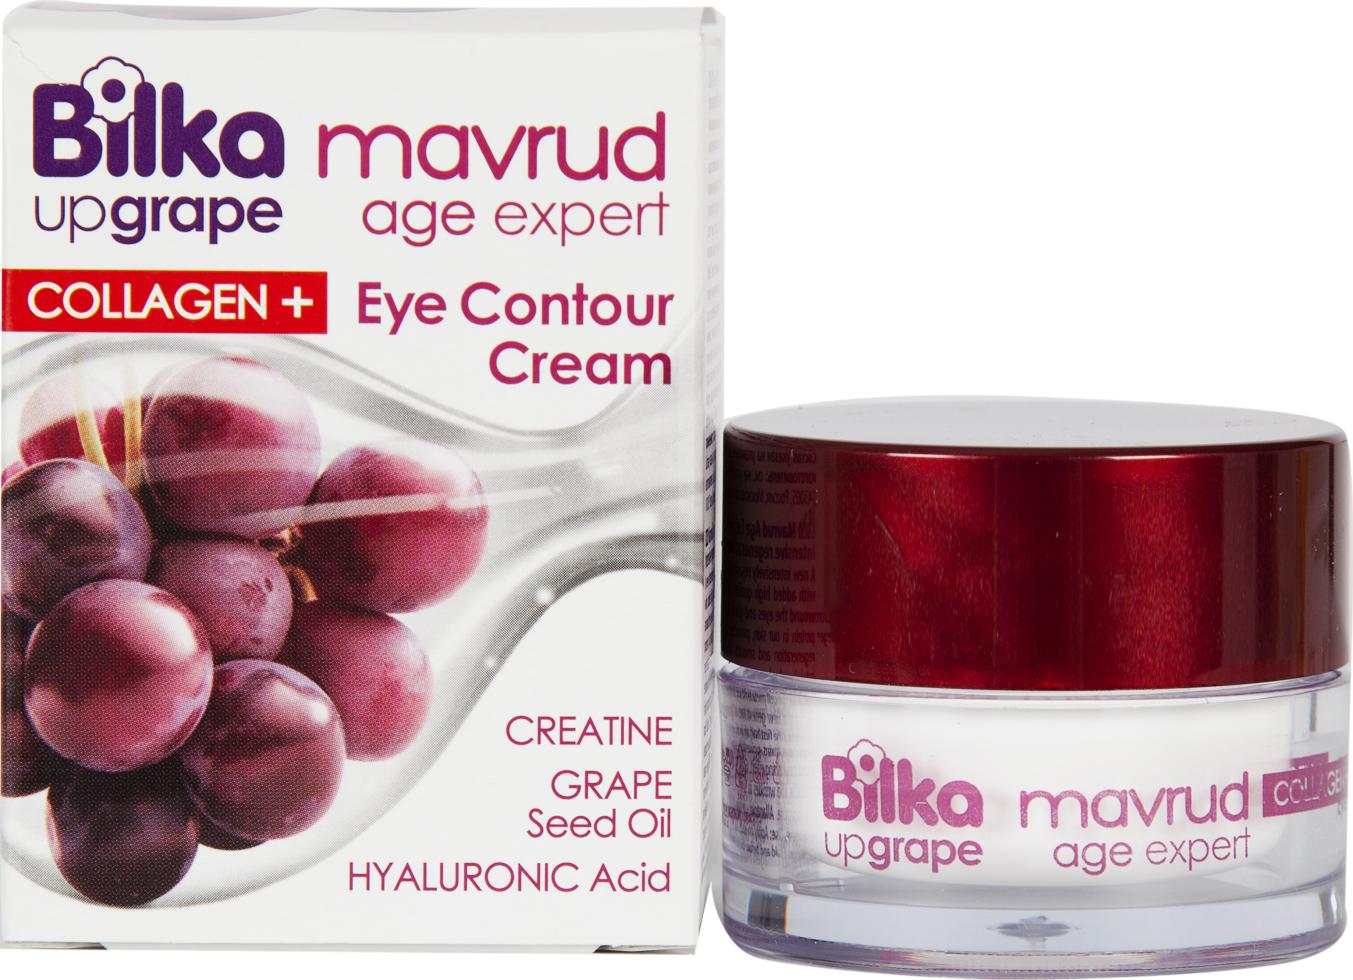 Крем для ухода за кожей BILKA Интенсивный регенерирующий Anti-Age крем вокруг глаз Bilka